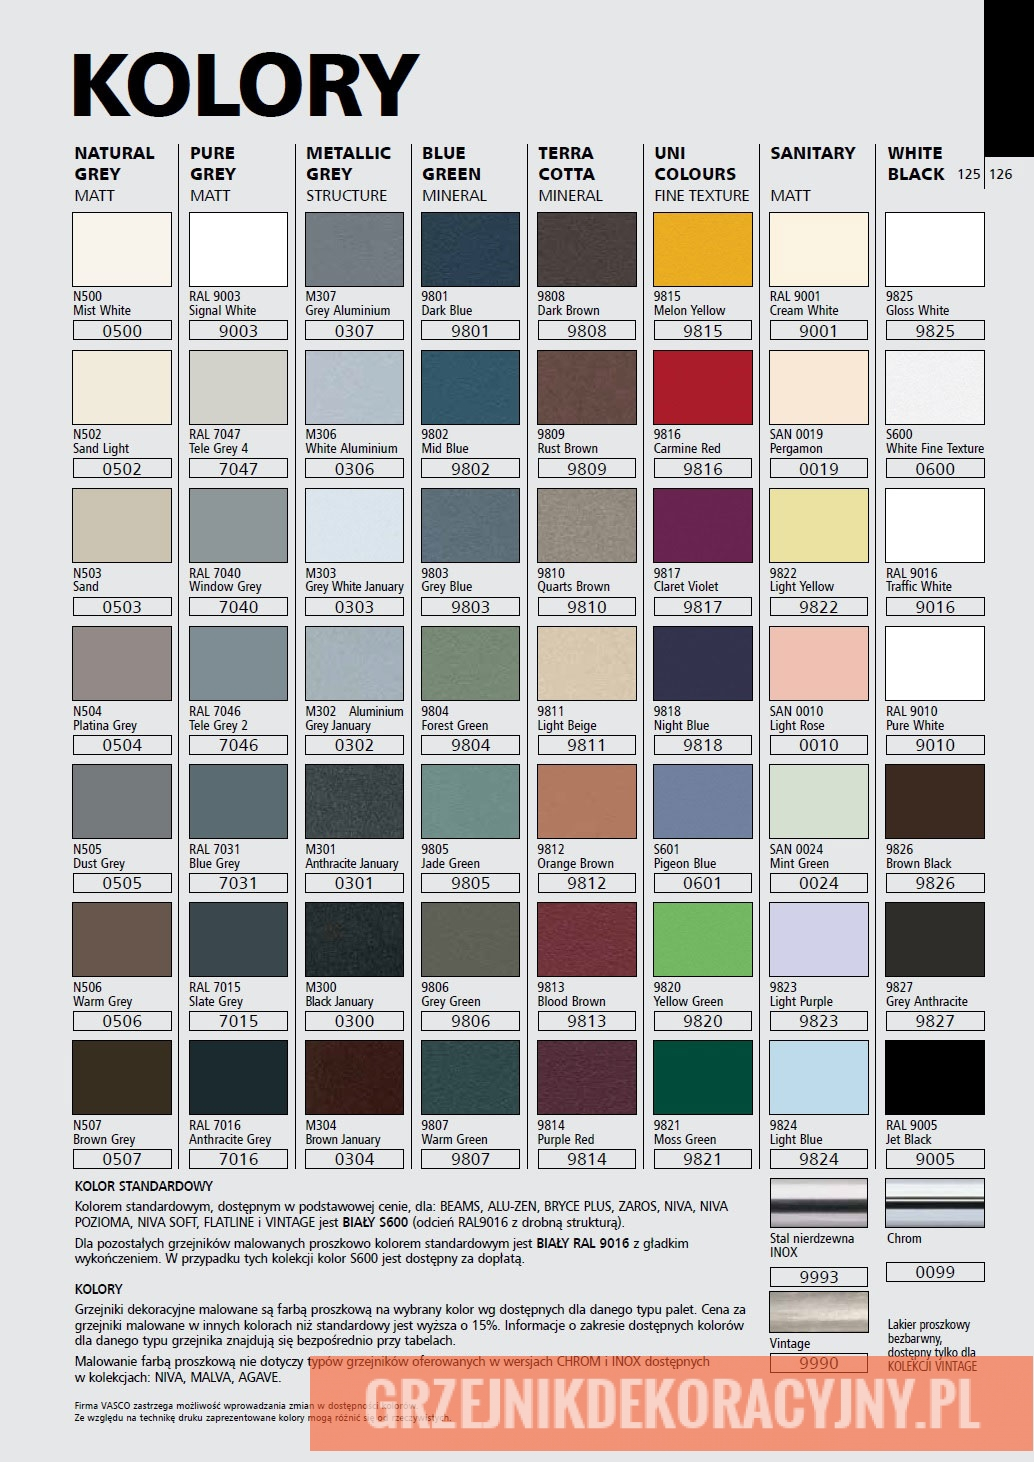 Kolory grzejników dekoracyjnych marki VASCO